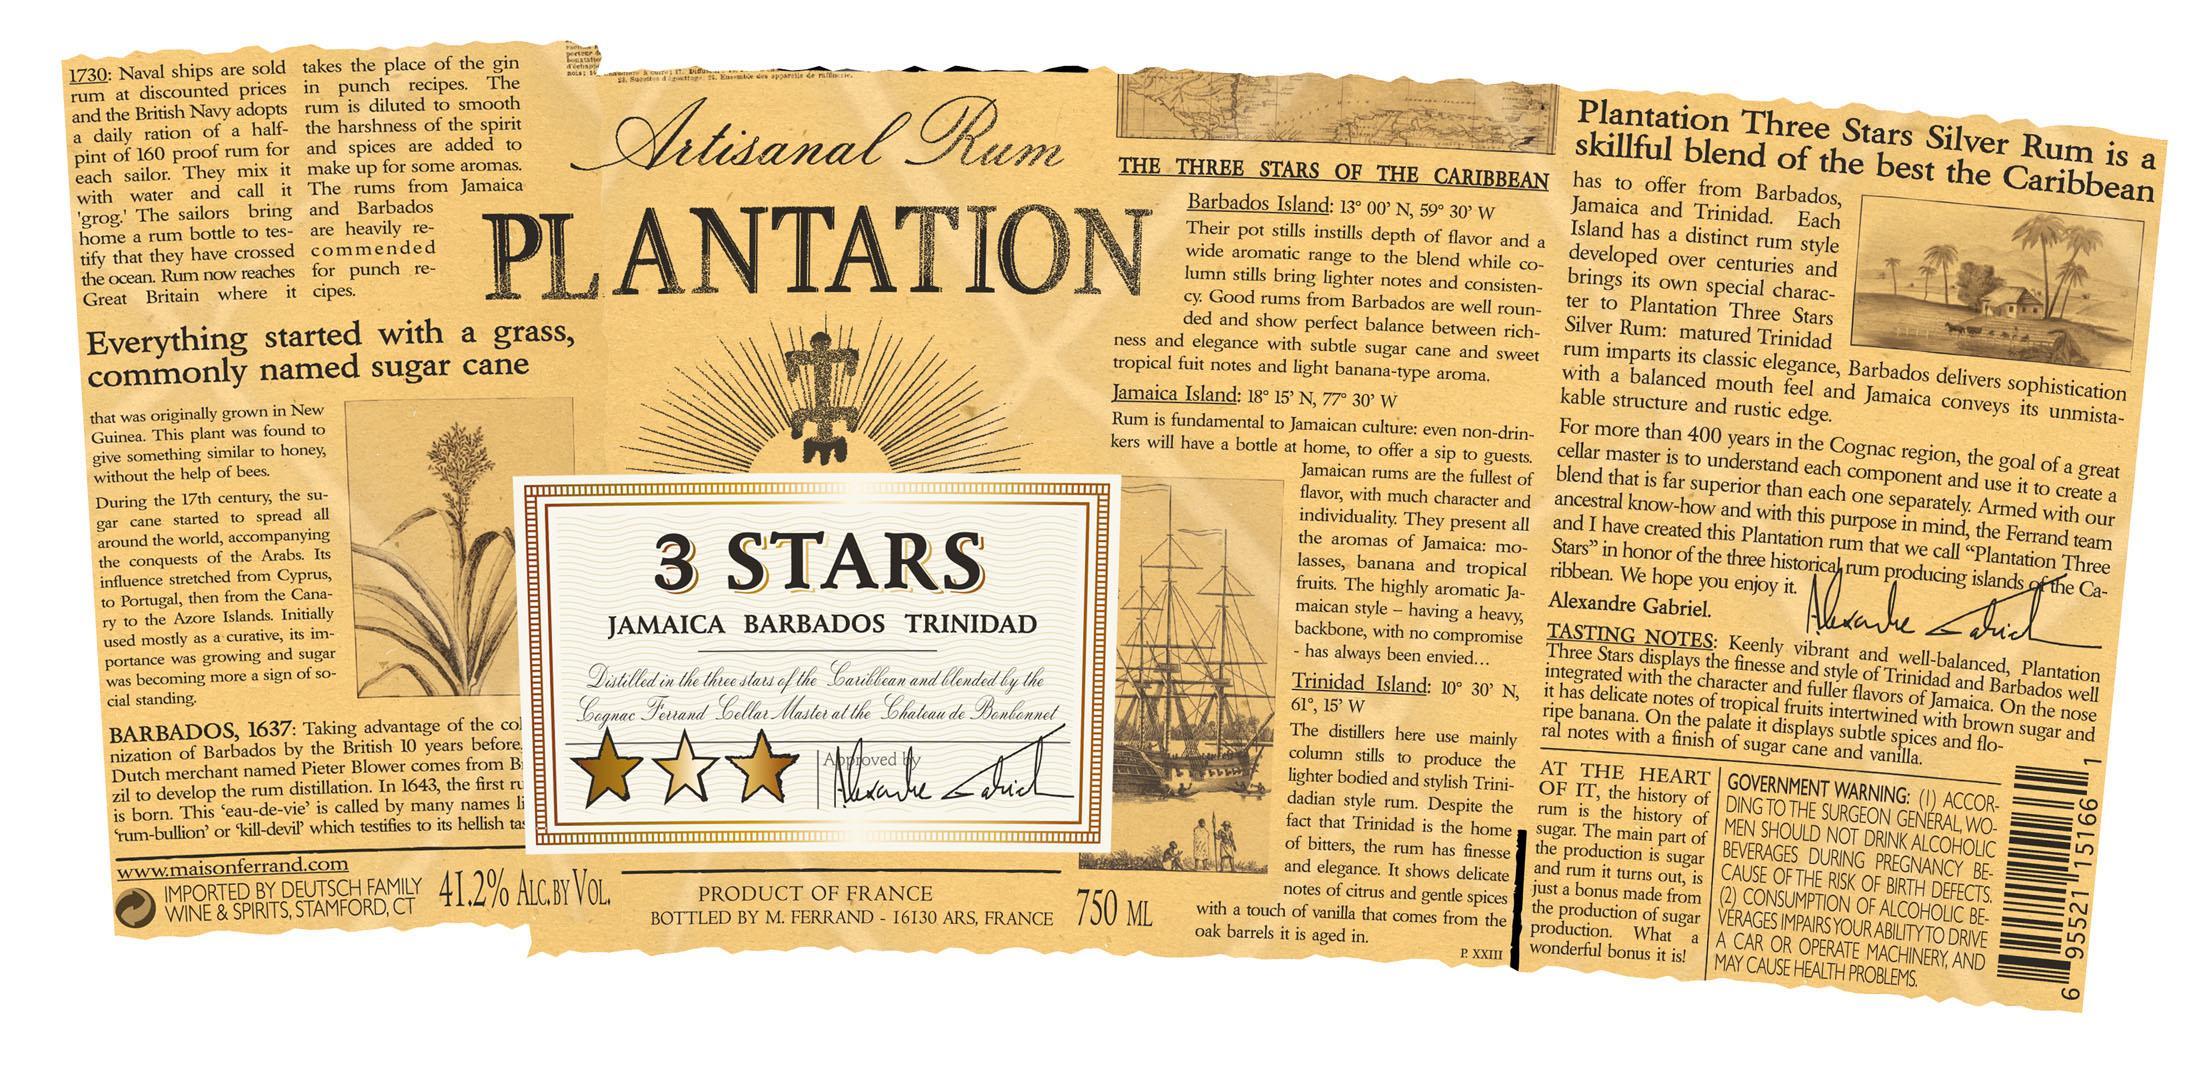 plantation 3star.jpg